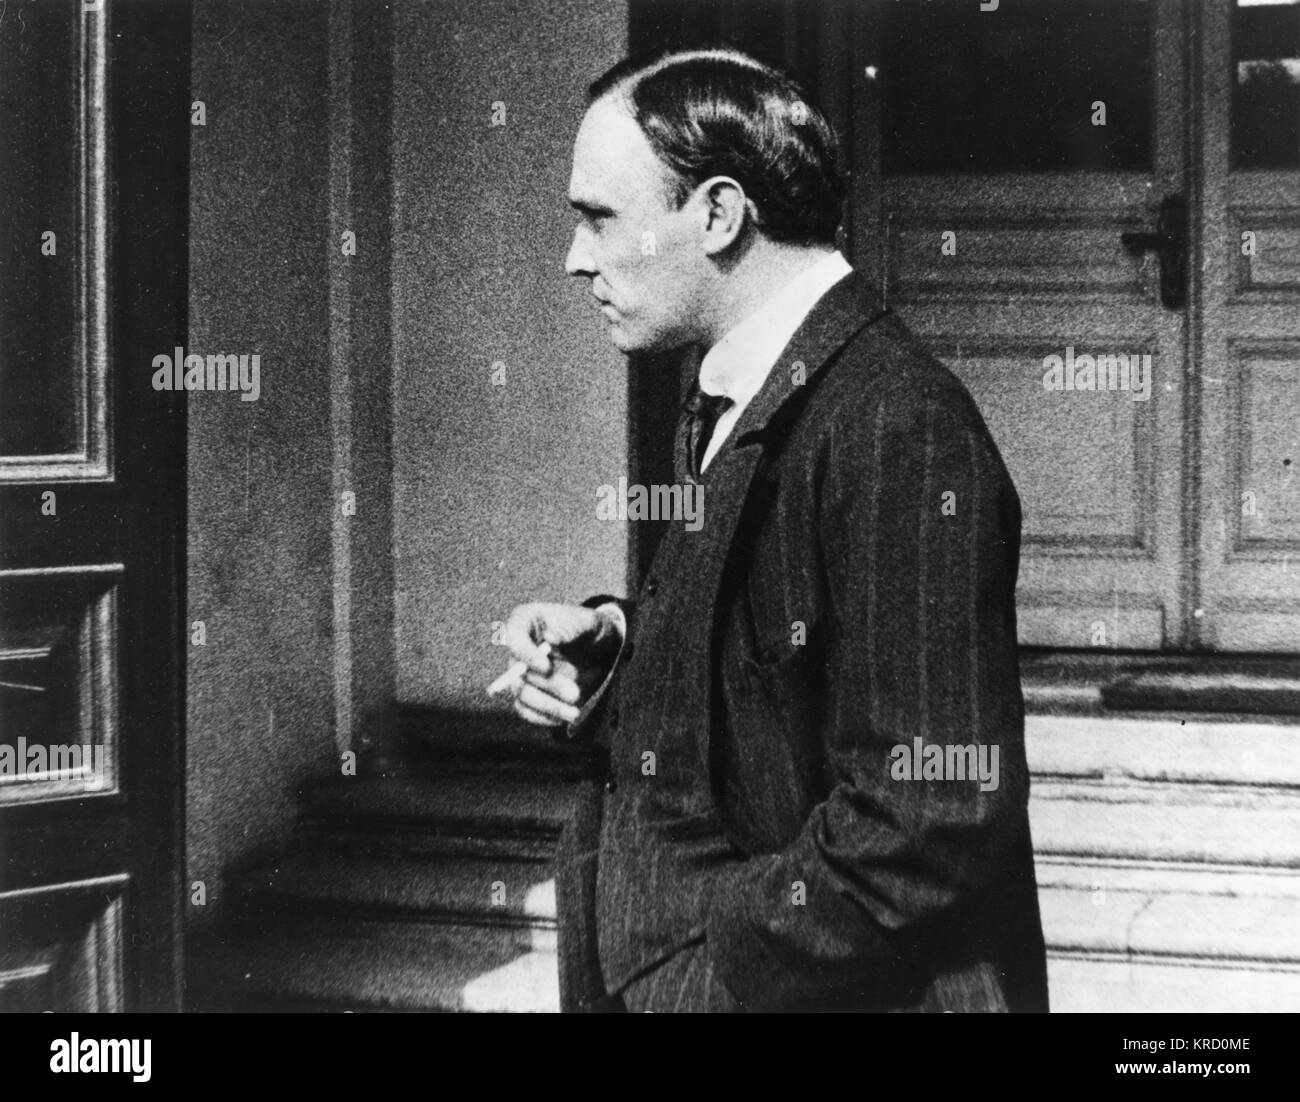 Tereschenko Michail Iwanowitsch, russischer Politiker und Finanzier, hier im August 1917 gesehen. In diesem Jahr Stockfoto